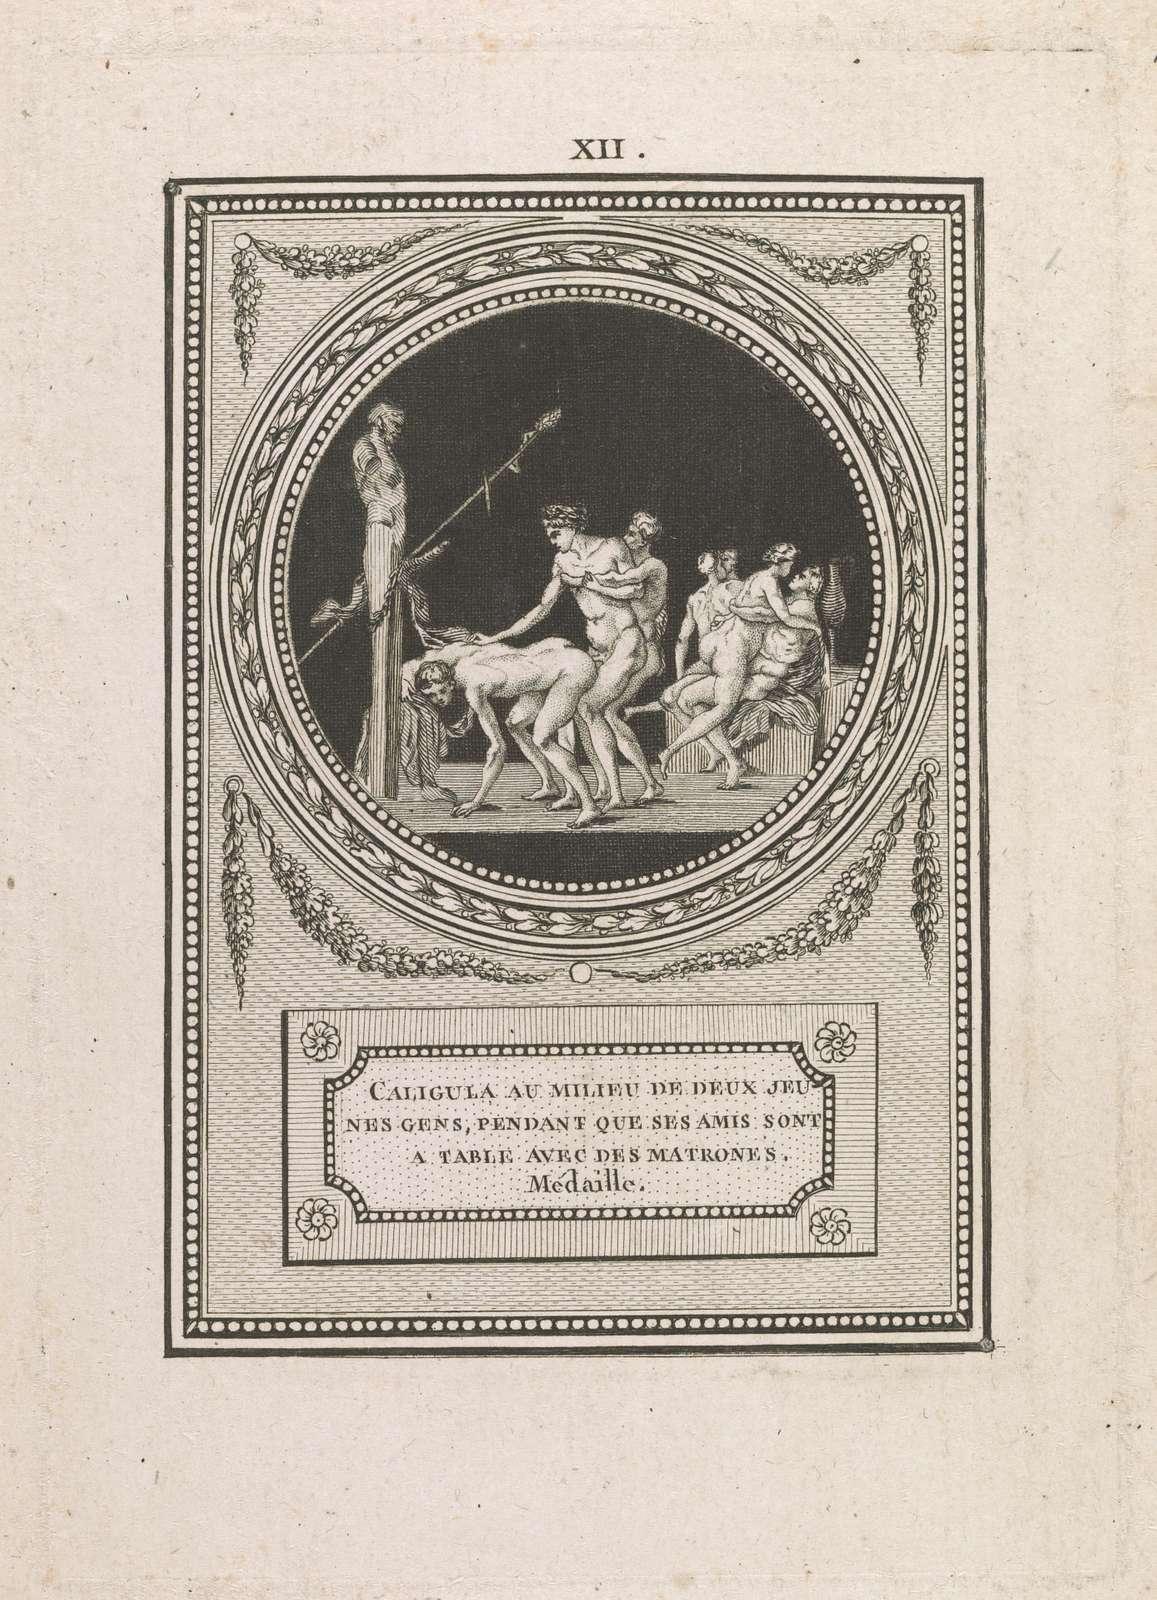 Caligula au milieu de deux jeunes gens, pendant que ses amis sont a table avec des matrones Medaille.